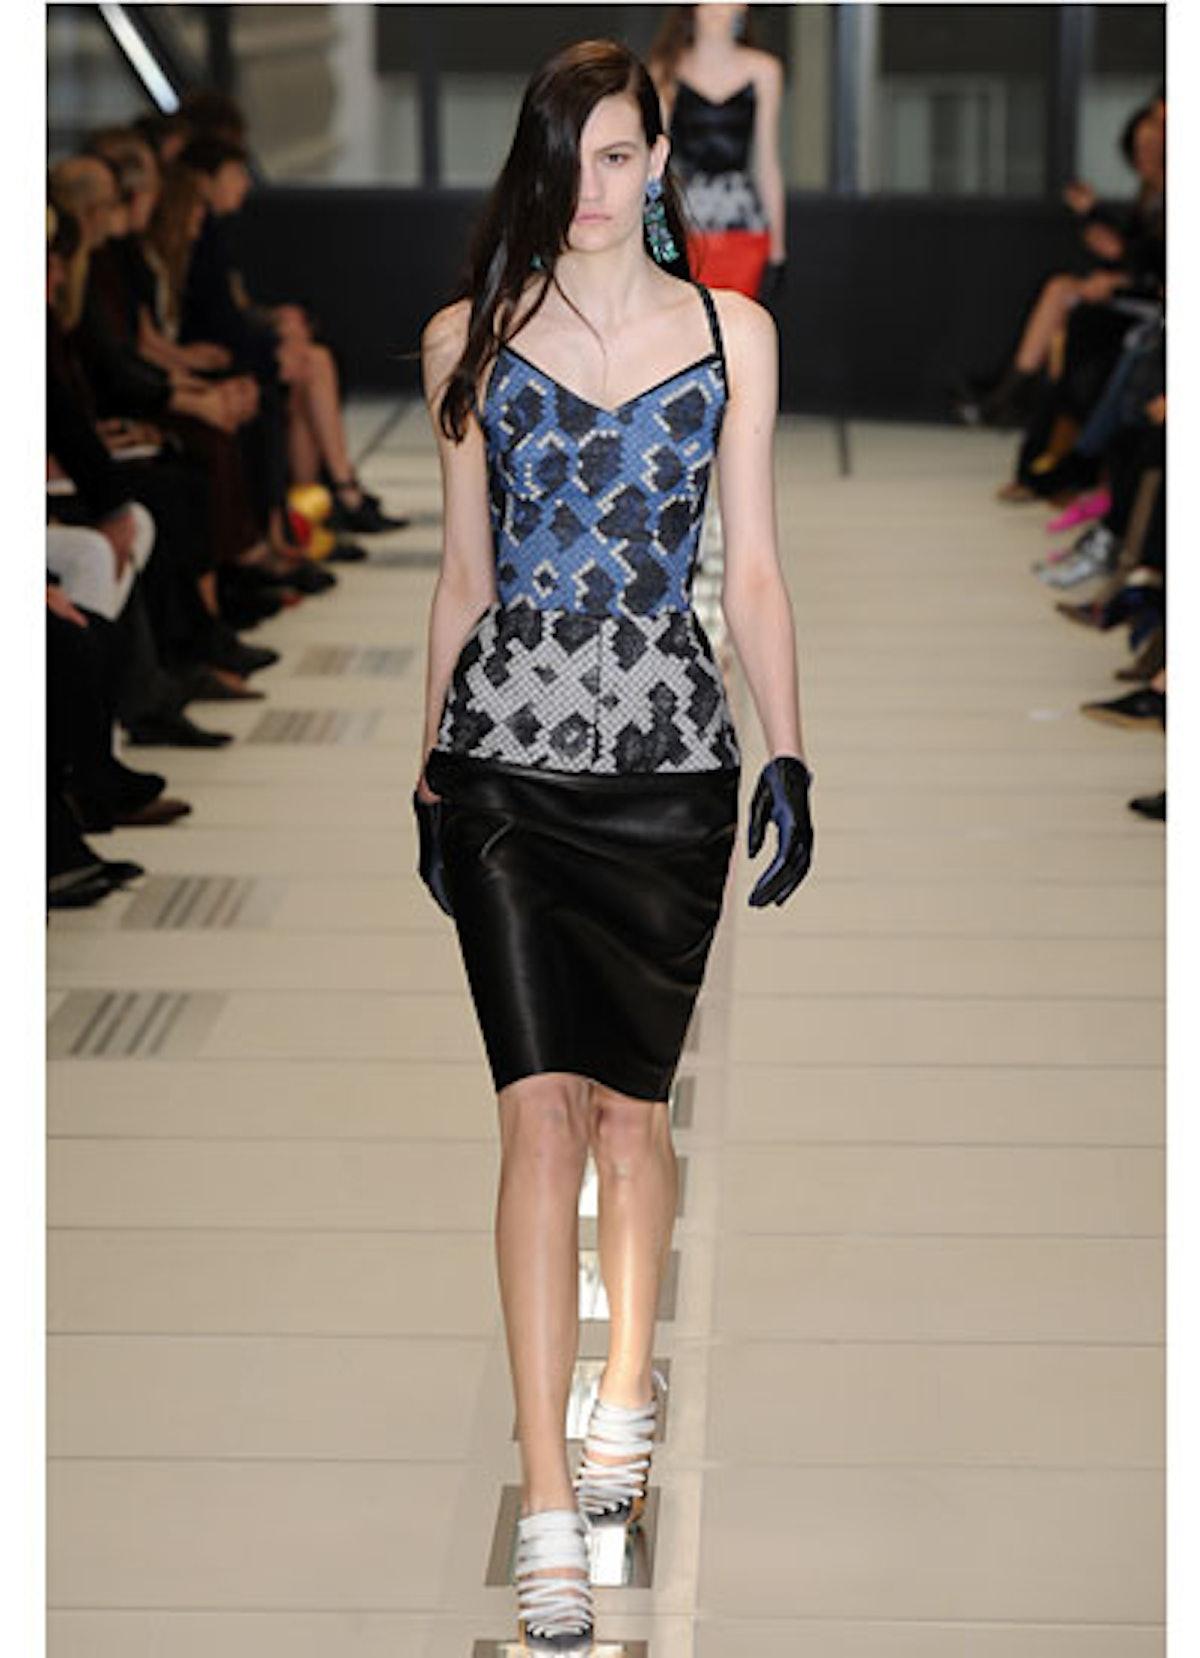 fass-fall-2012-fashion-roundup-20-v.jpg